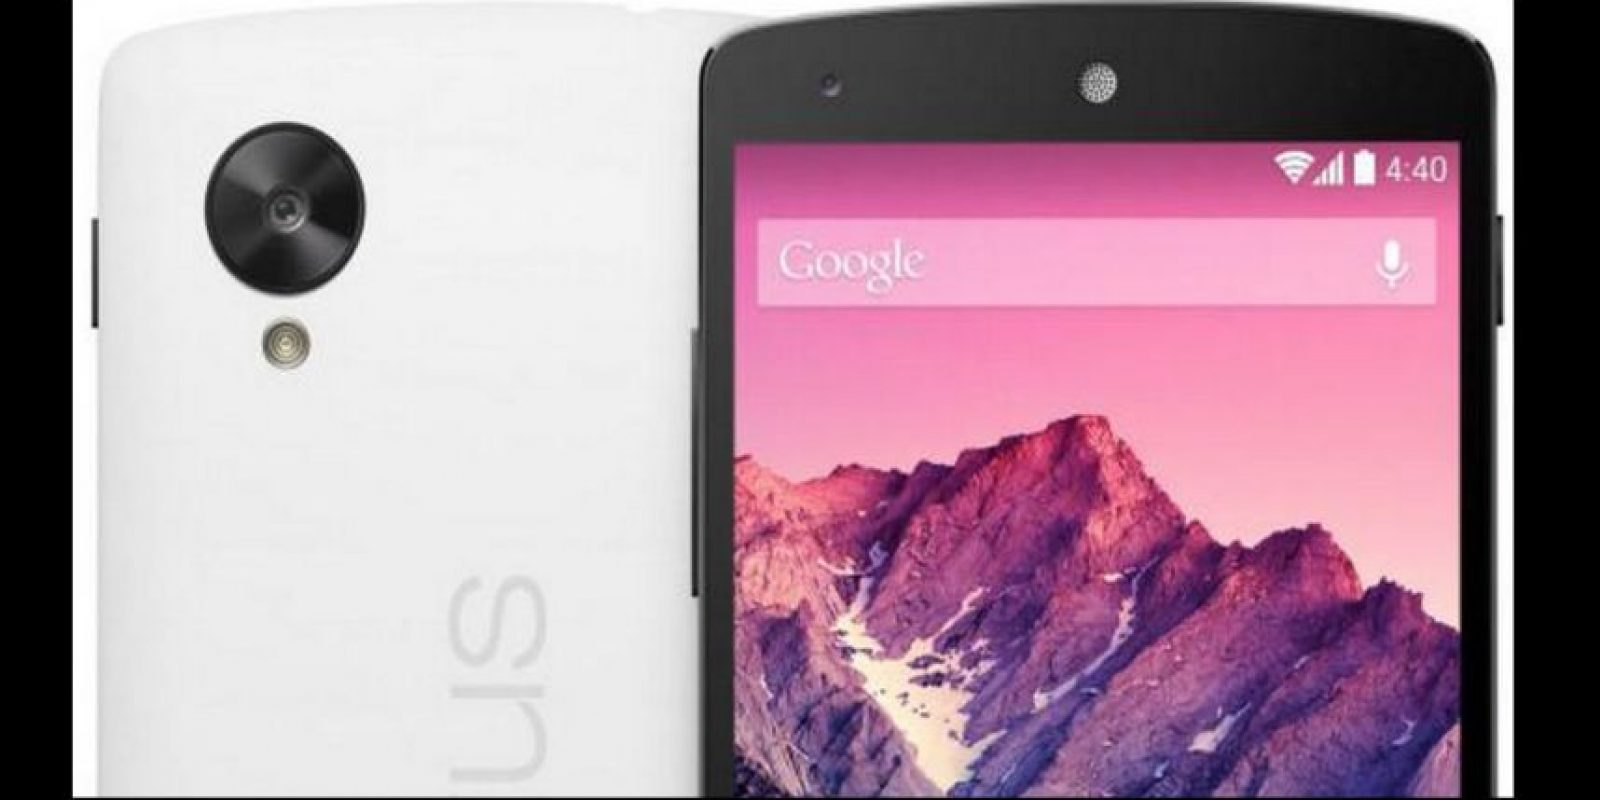 El sensor delantero tendría 13 megapíxeles y el trasero 4MP Foto:Nexus/Google